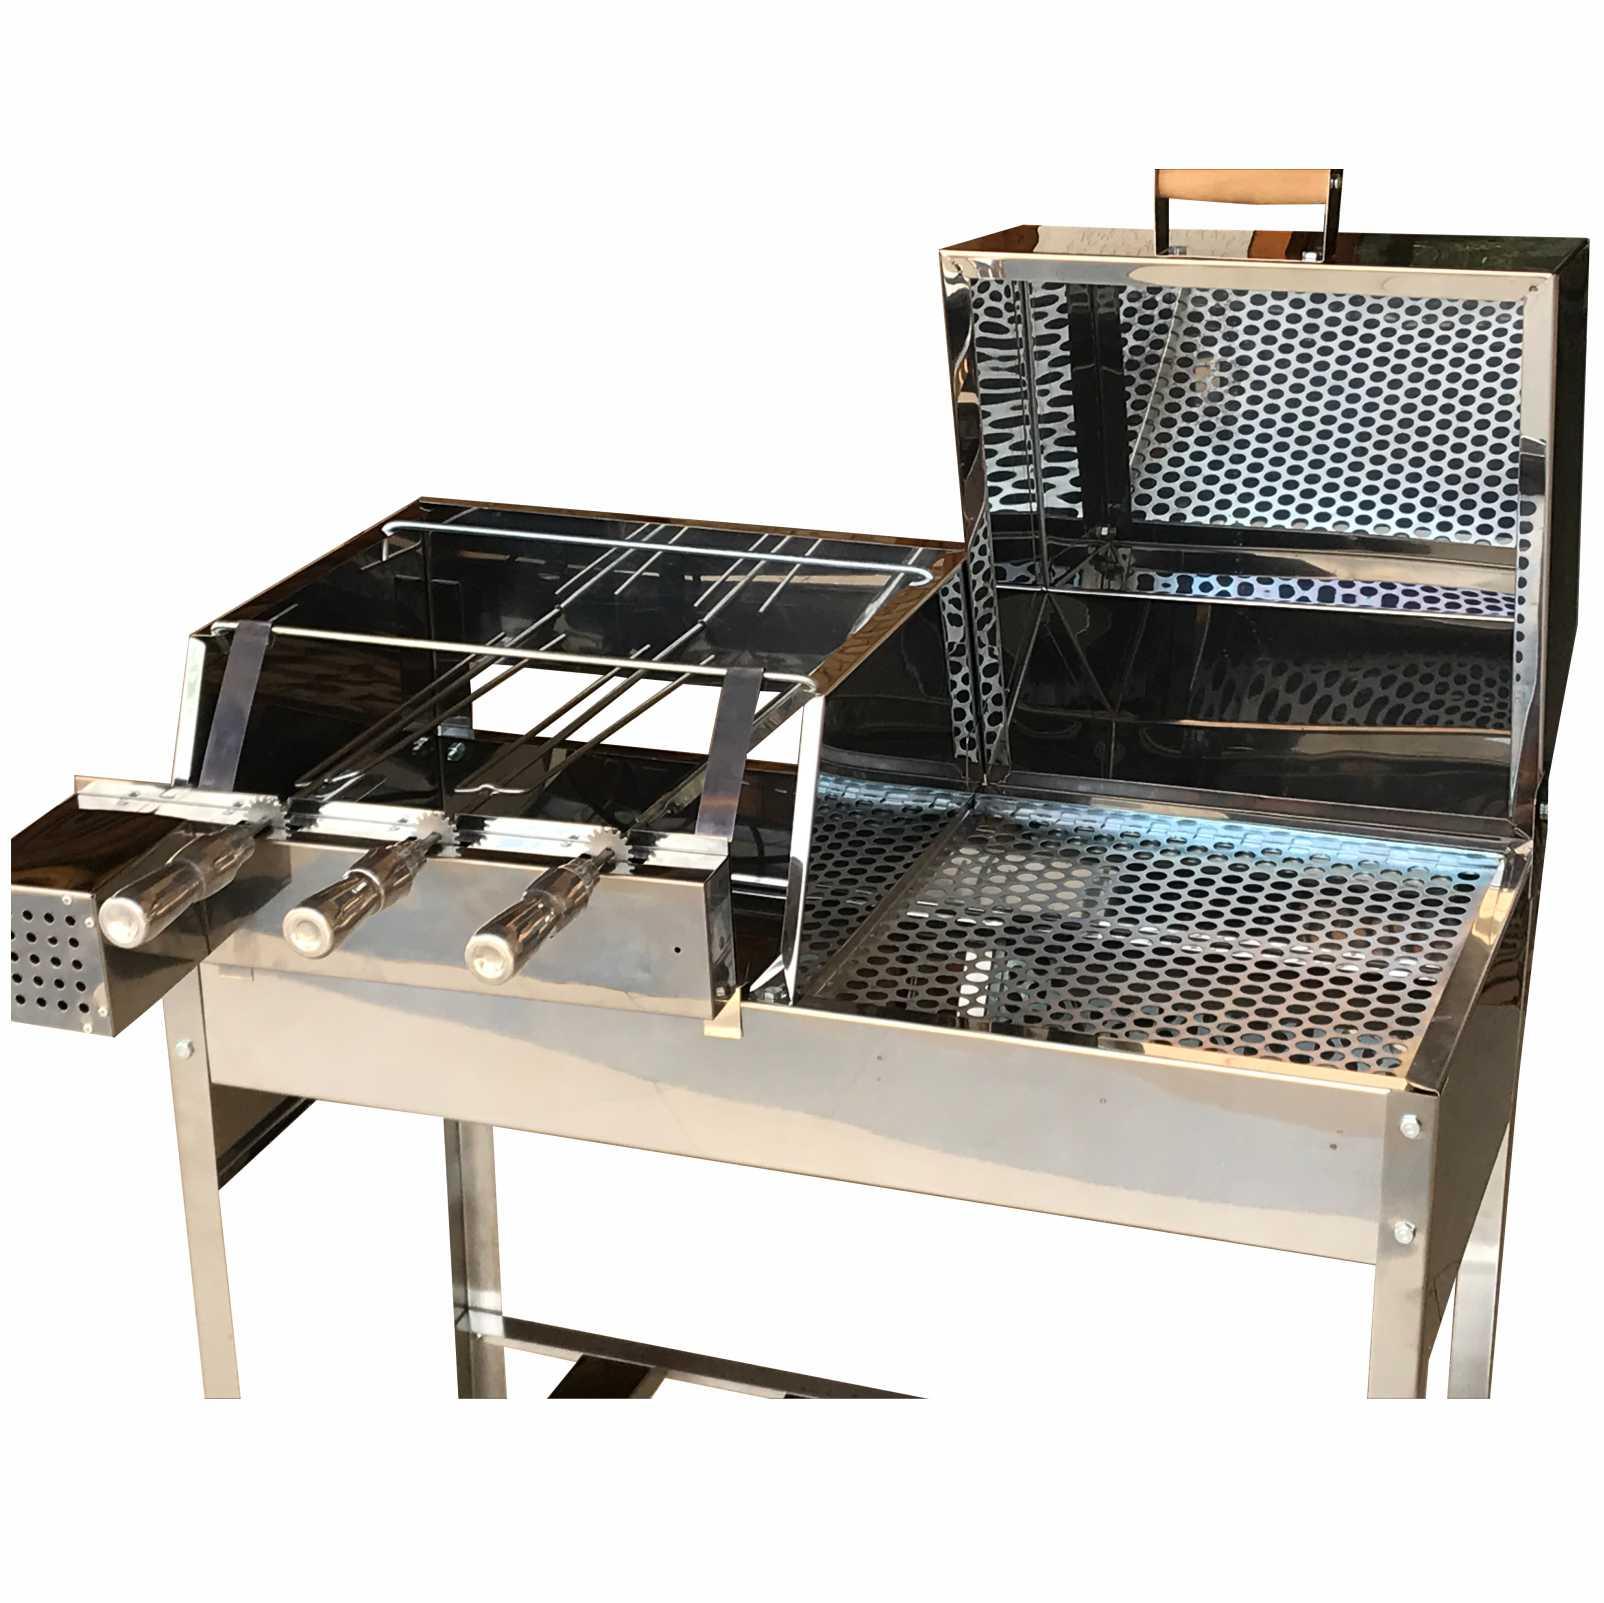 Churrasqueira Giratoria Inox Mista 85x41 Bafo e Grill Com Kit Giratório Inox 3 Espetos